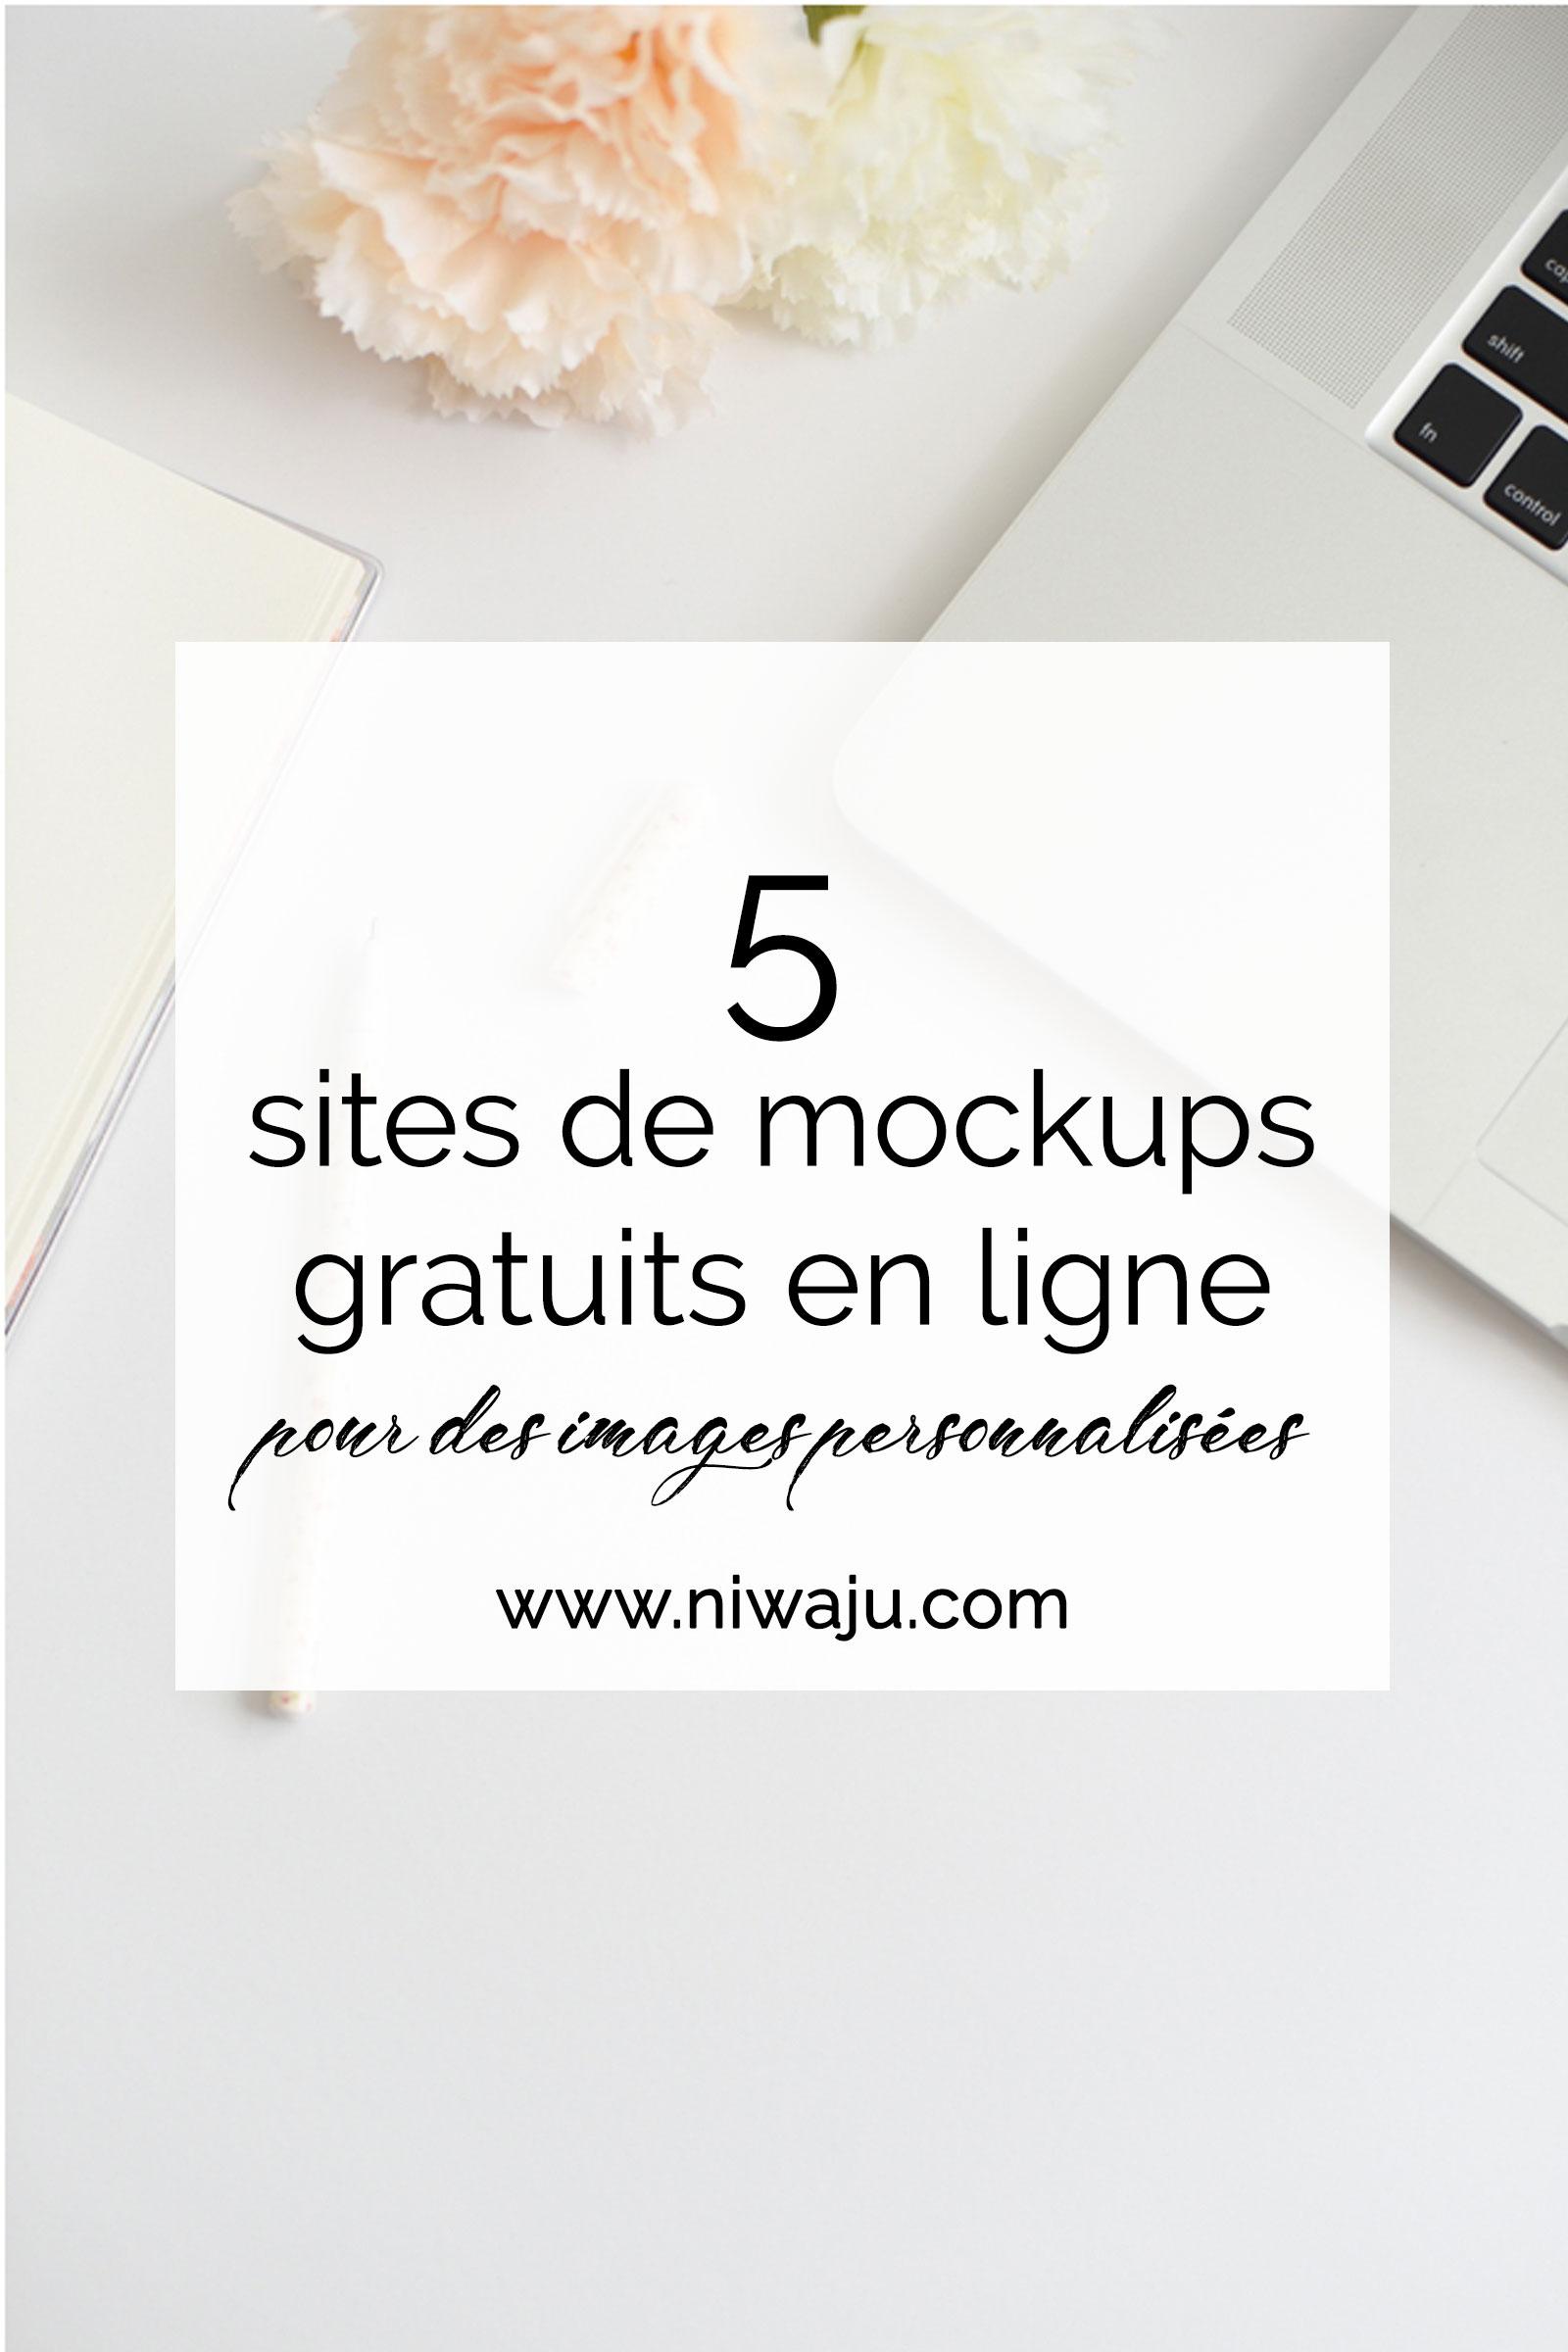 5 sites de mockups gratuits en ligne